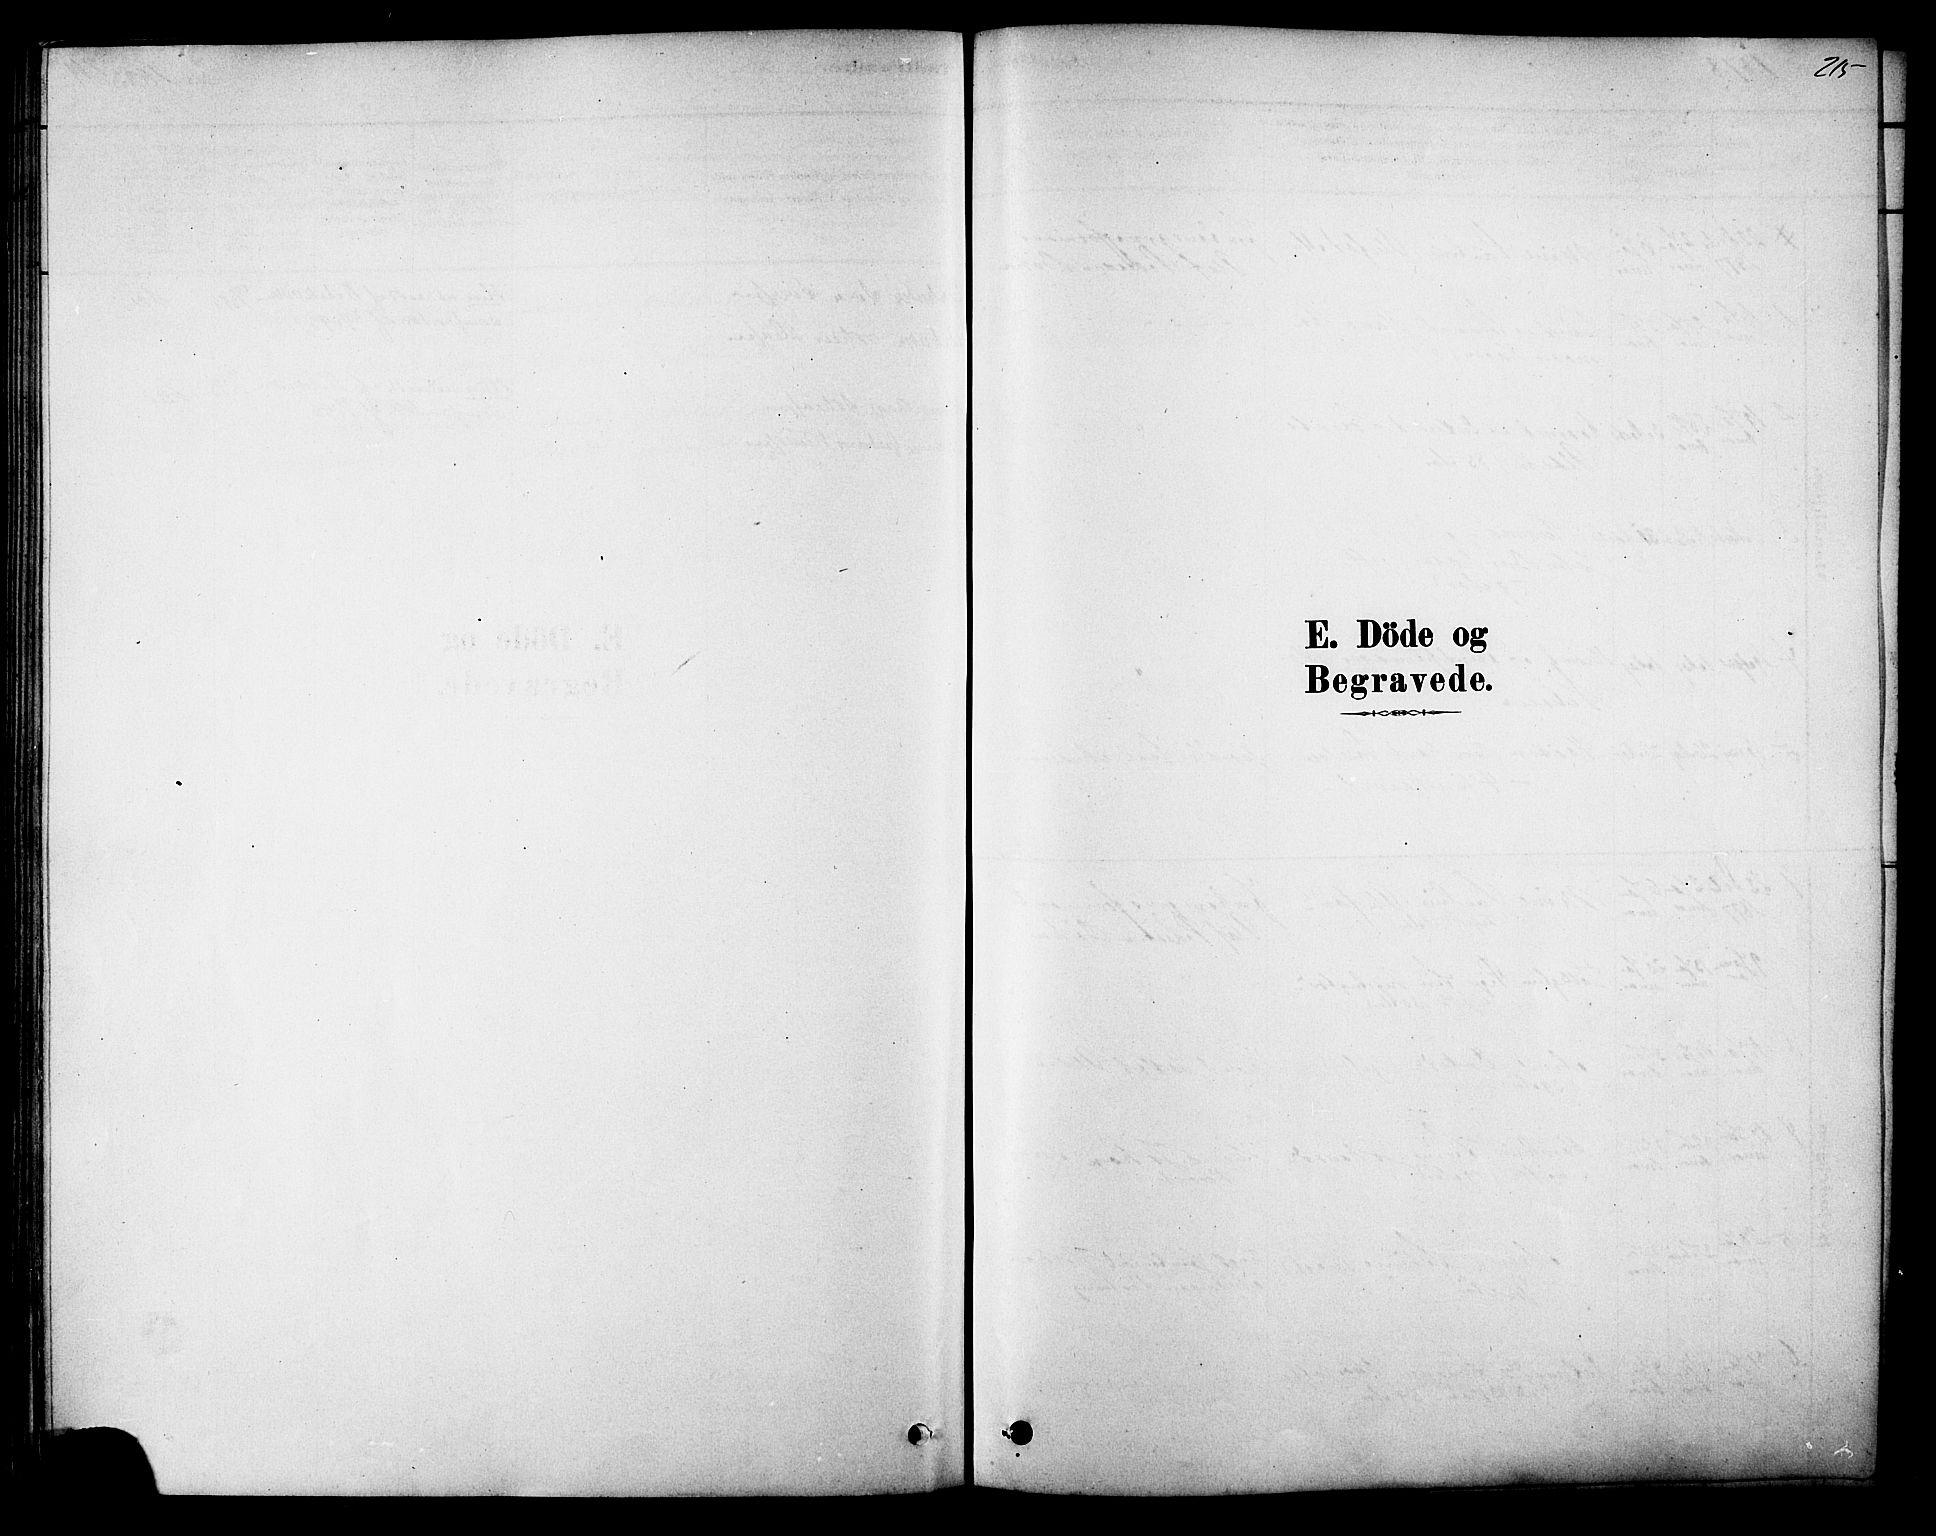 SAT, Ministerialprotokoller, klokkerbøker og fødselsregistre - Sør-Trøndelag, 616/L0410: Ministerialbok nr. 616A07, 1878-1893, s. 215